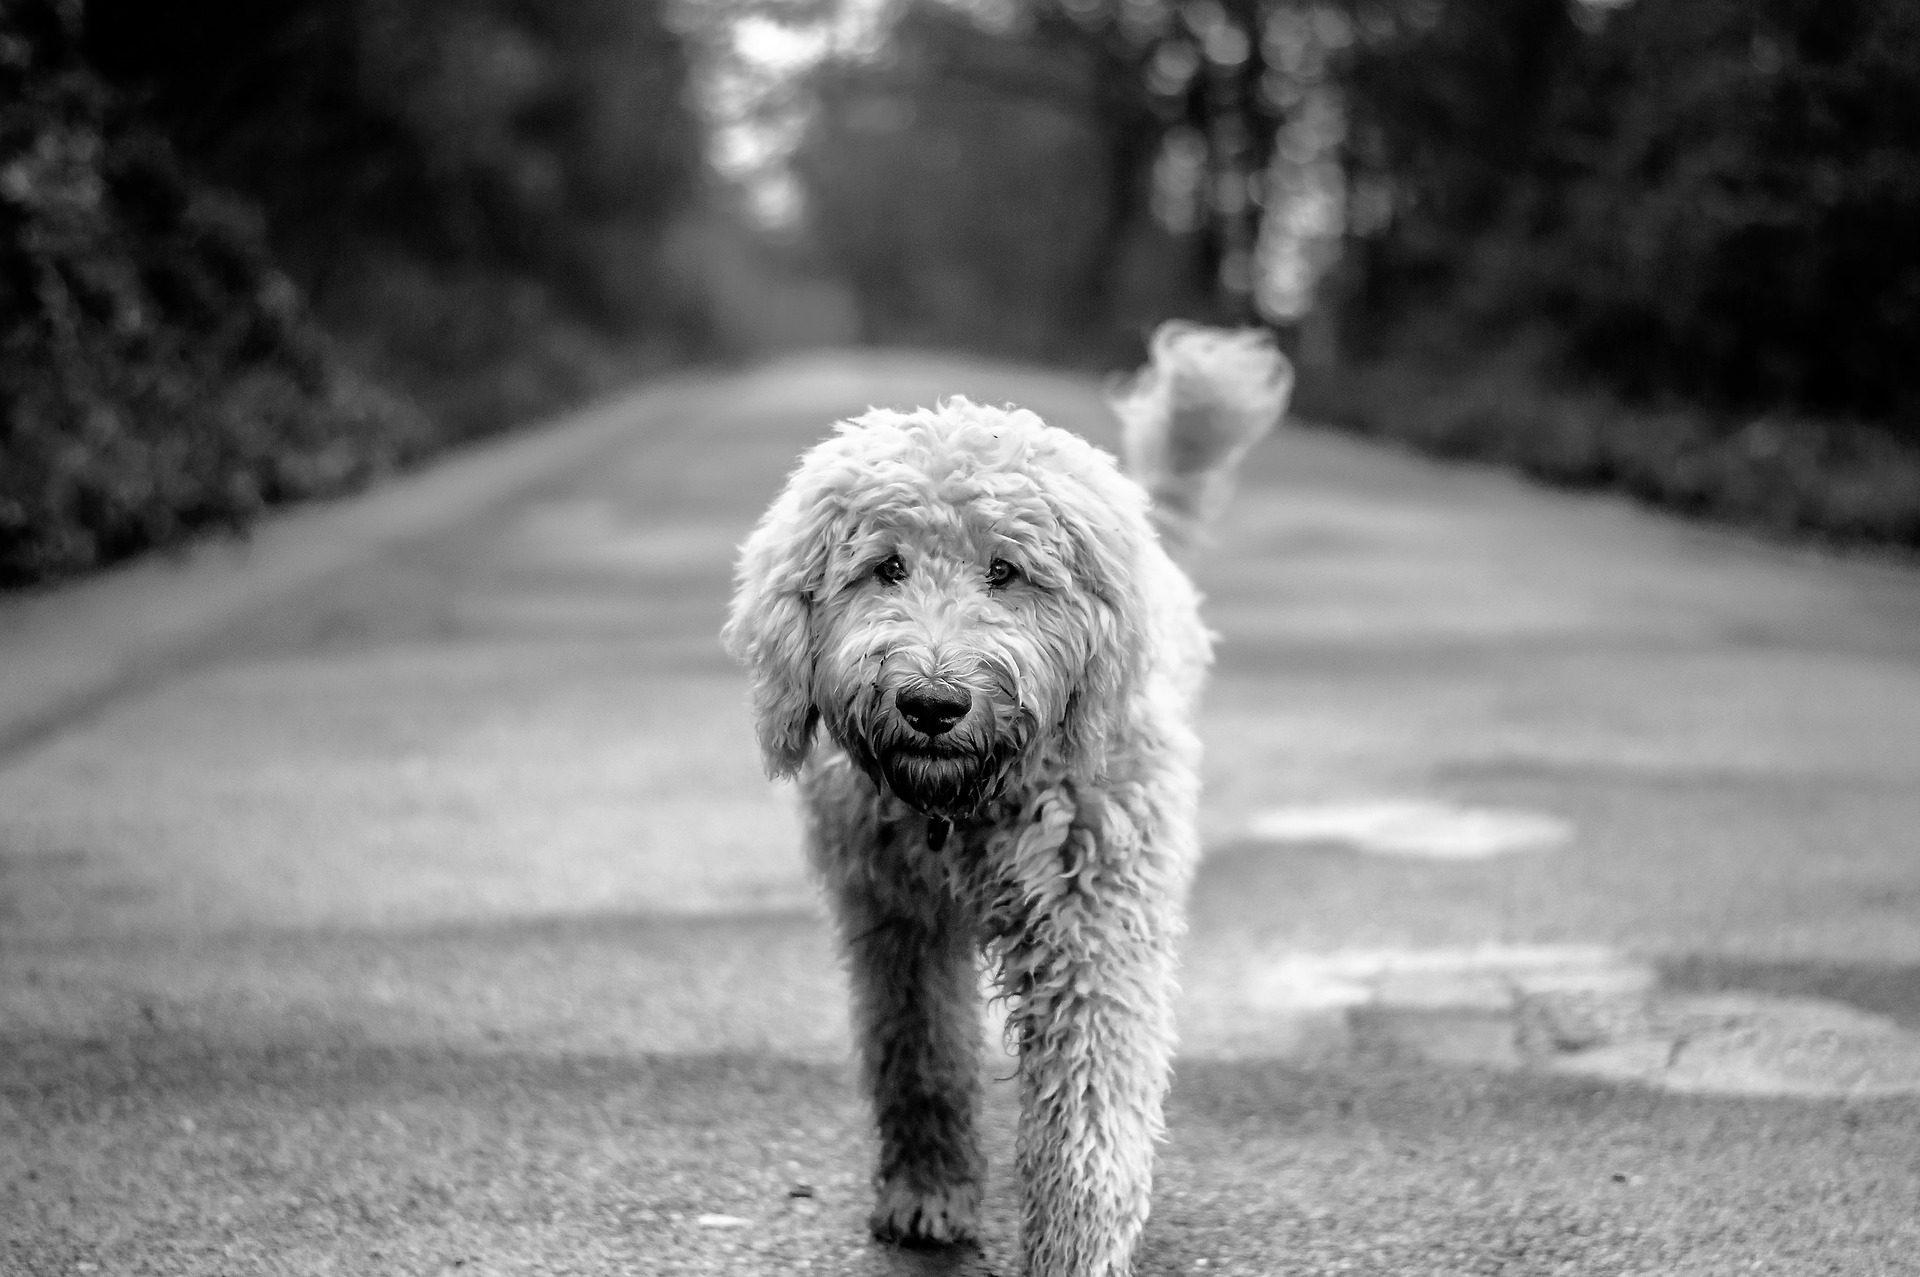 狗, 宠物, 朋友, 毛皮, 道路, 在黑色和白色 - 高清壁纸 - 教授-falken.com